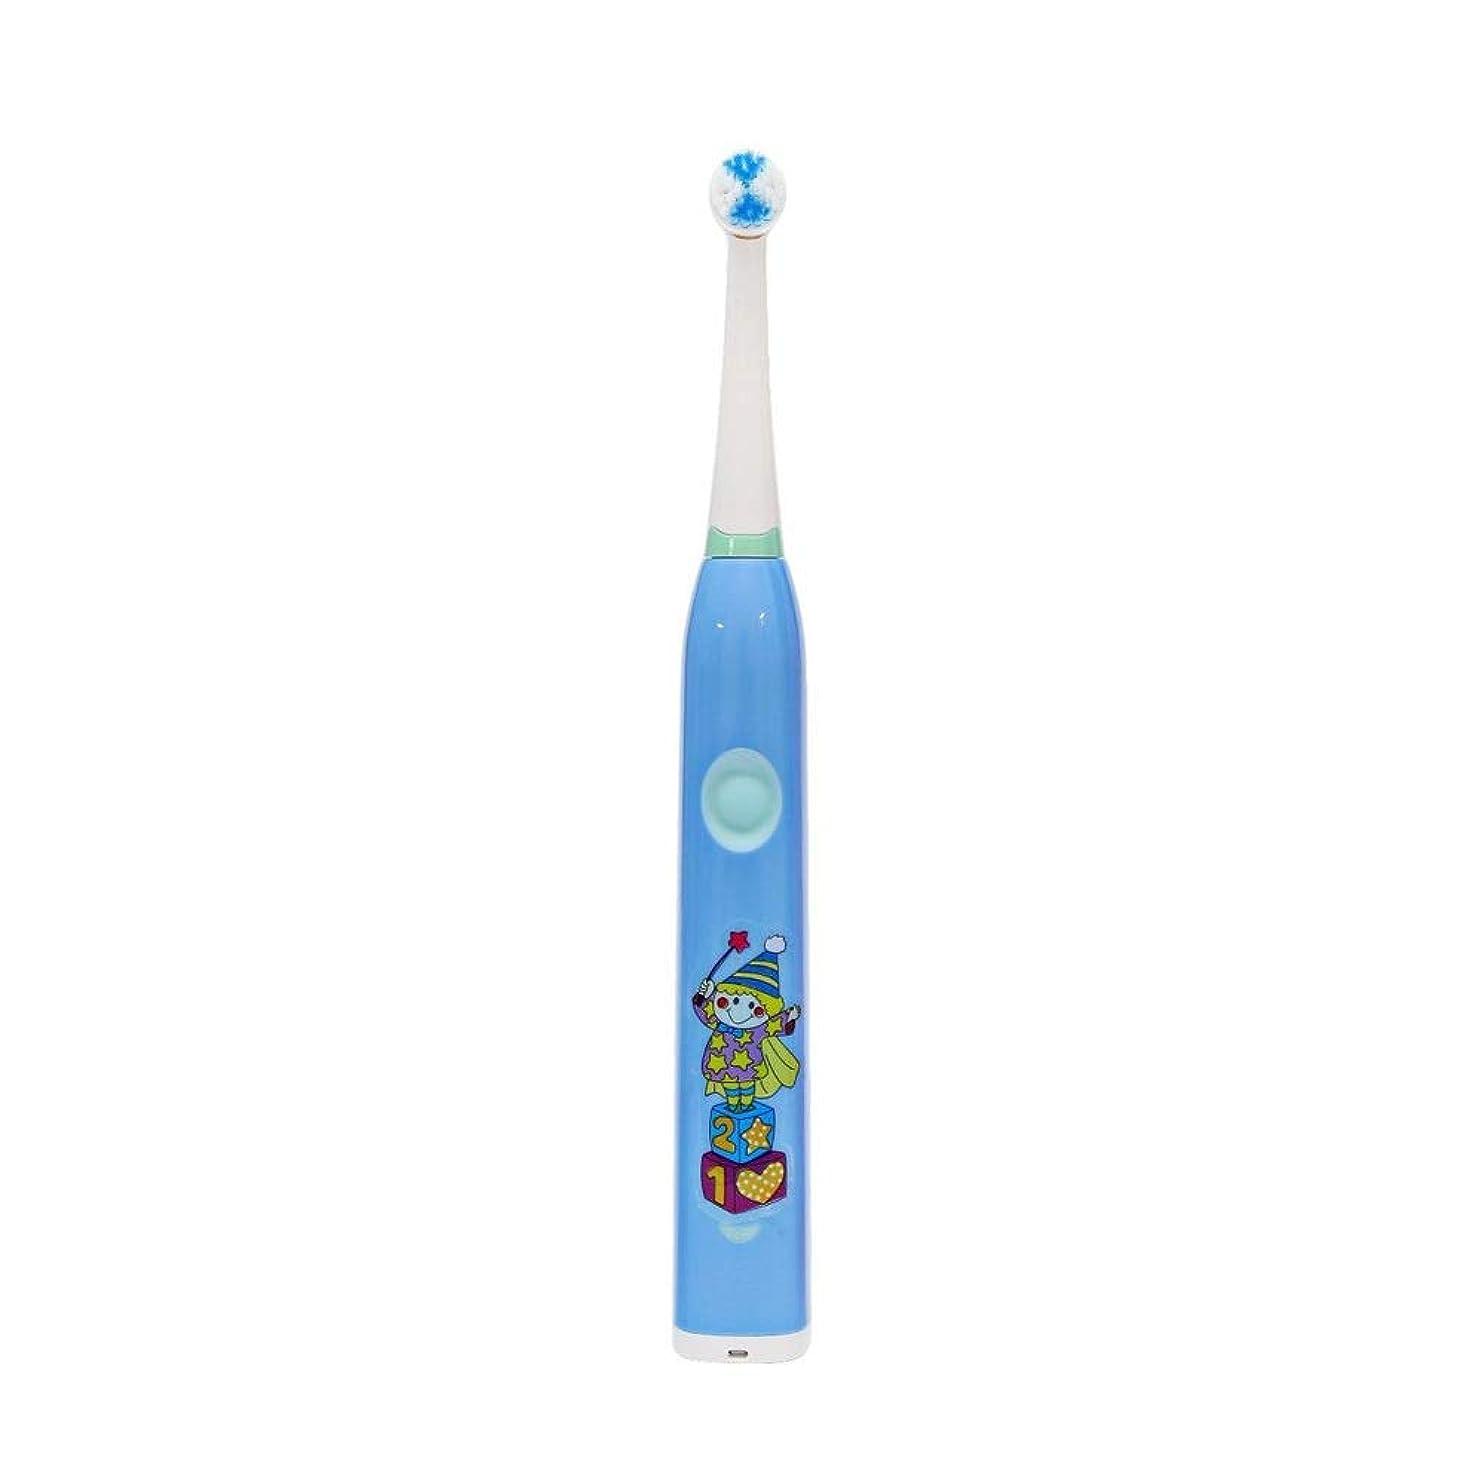 注文サスペンション代理人家庭用電動歯ブラシ 子供用電動歯ブラシかわいいUSB充電式歯ブラシ 男性用女性子供大人 (色 : 青, サイズ : Free size)